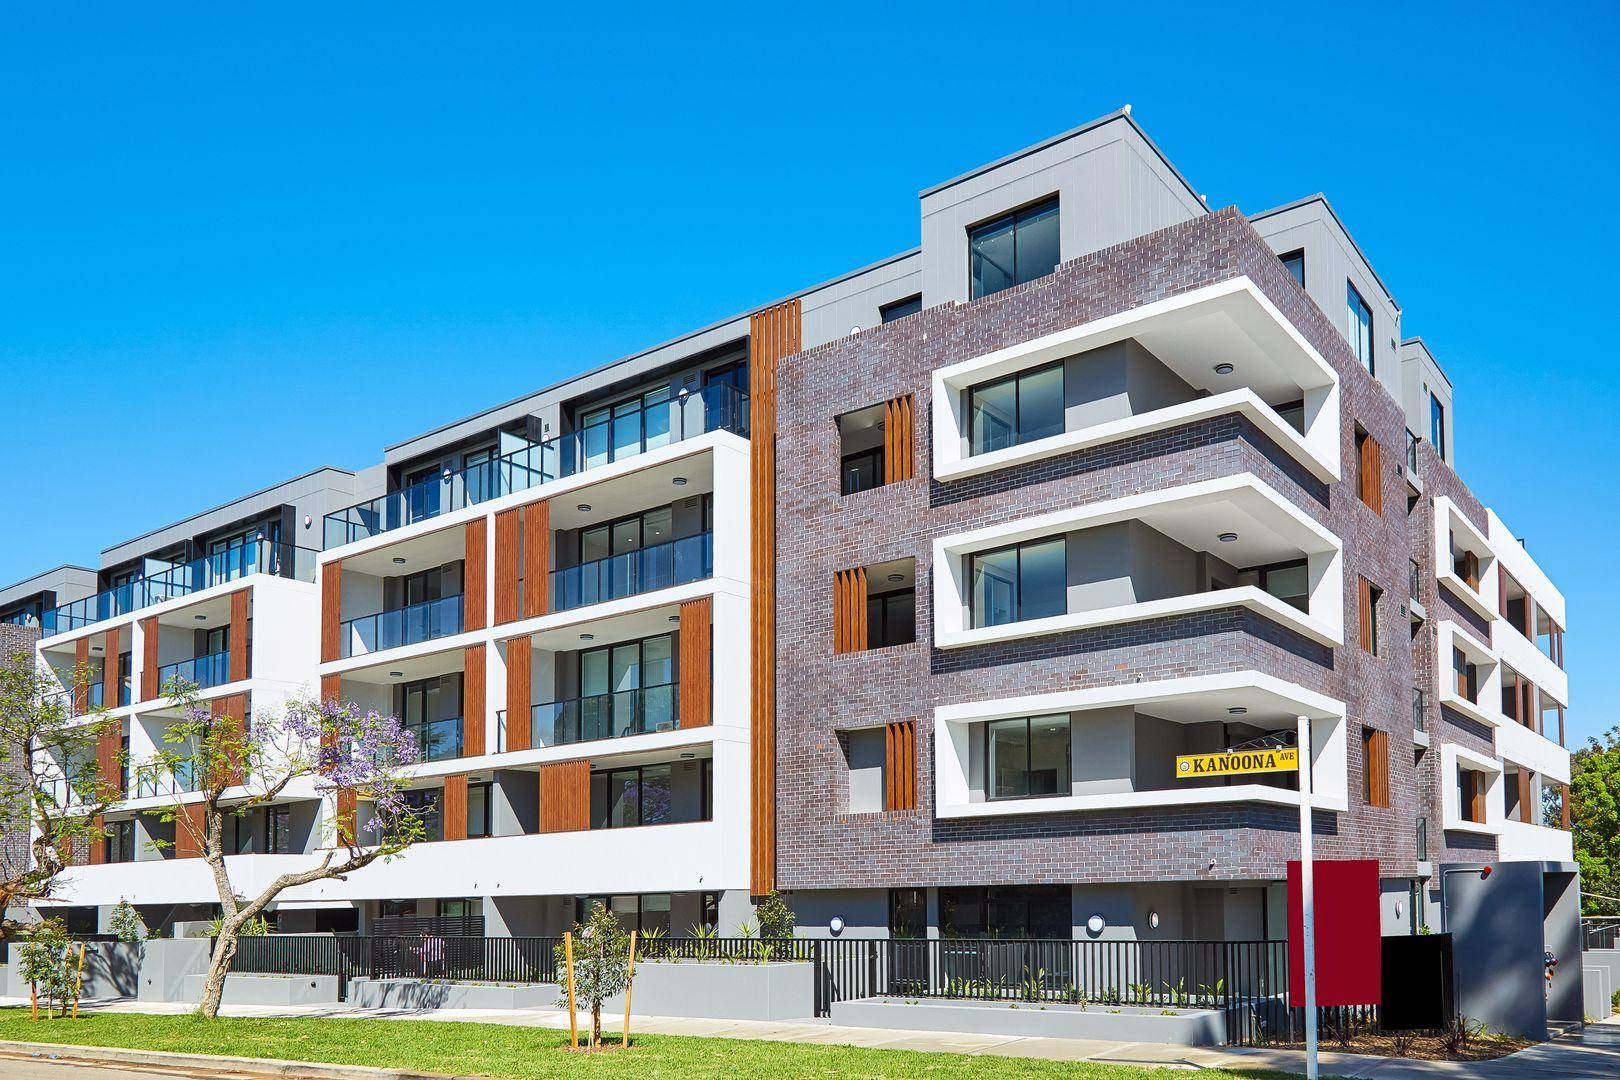 54/1-9 Kanoona Ave, Homebush NSW 2140, Image 0